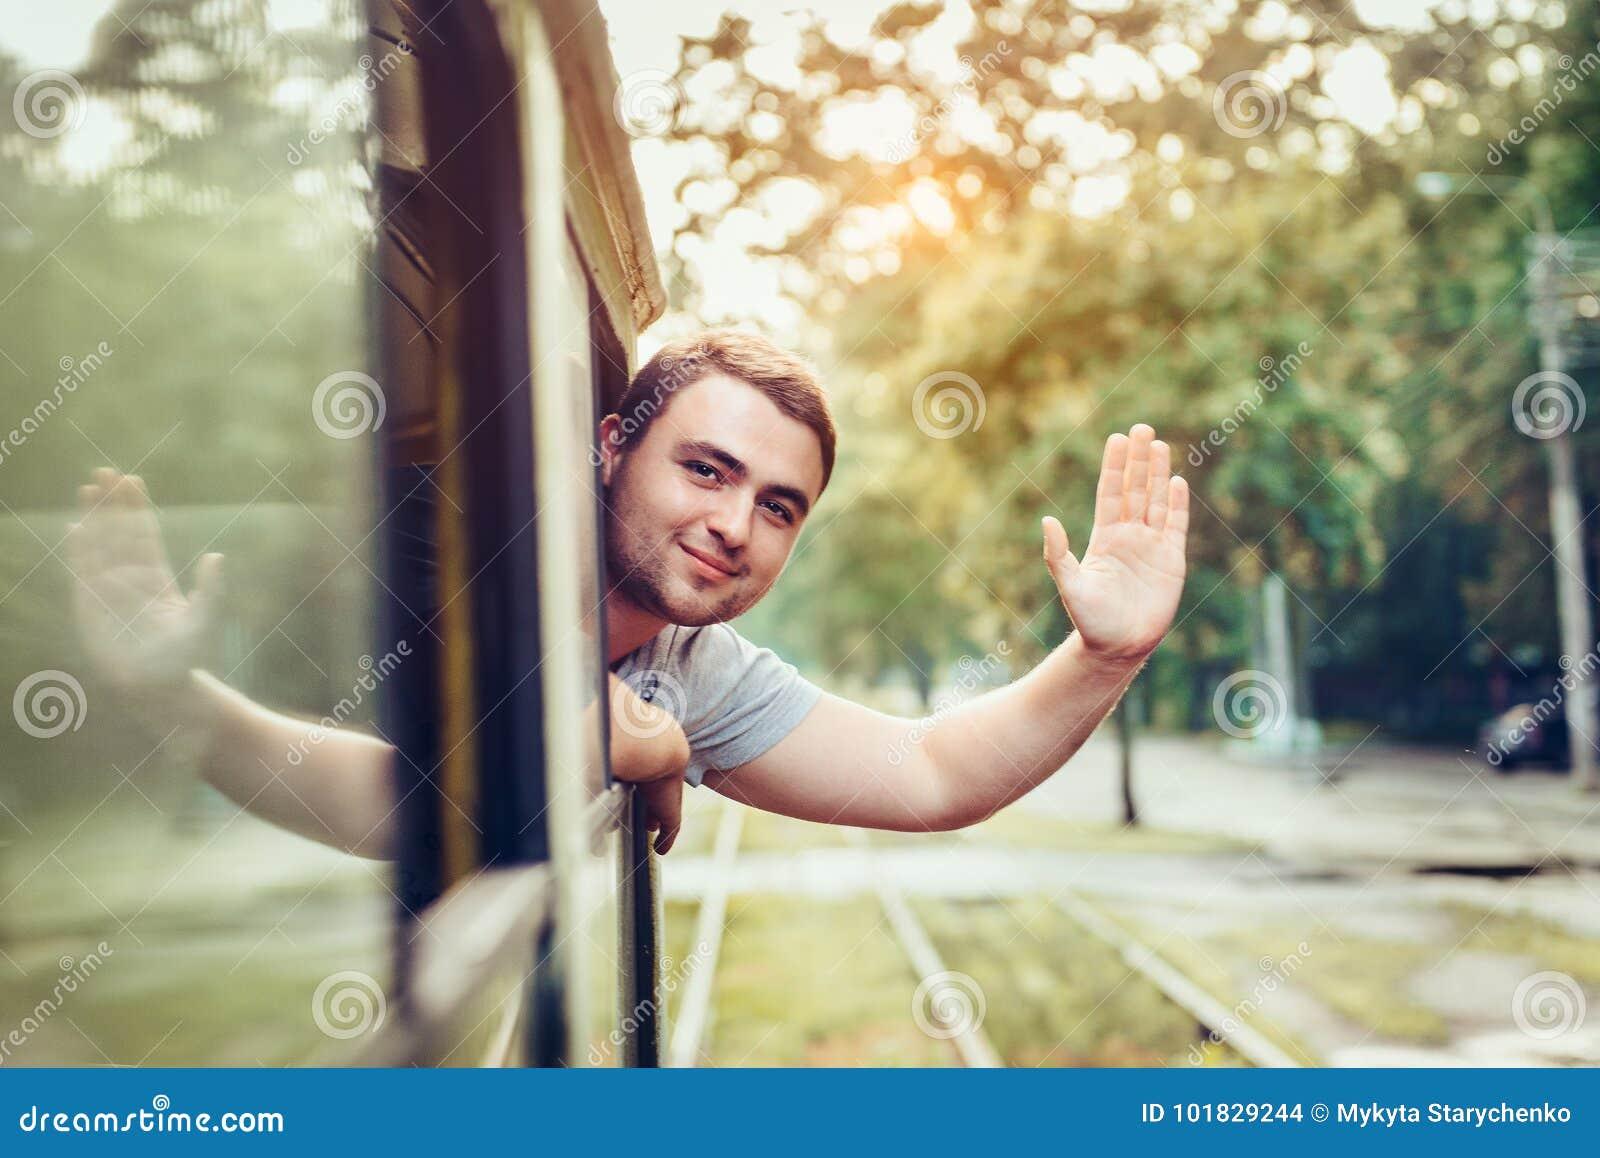 愉快的人享用在城市使用公共交通工具